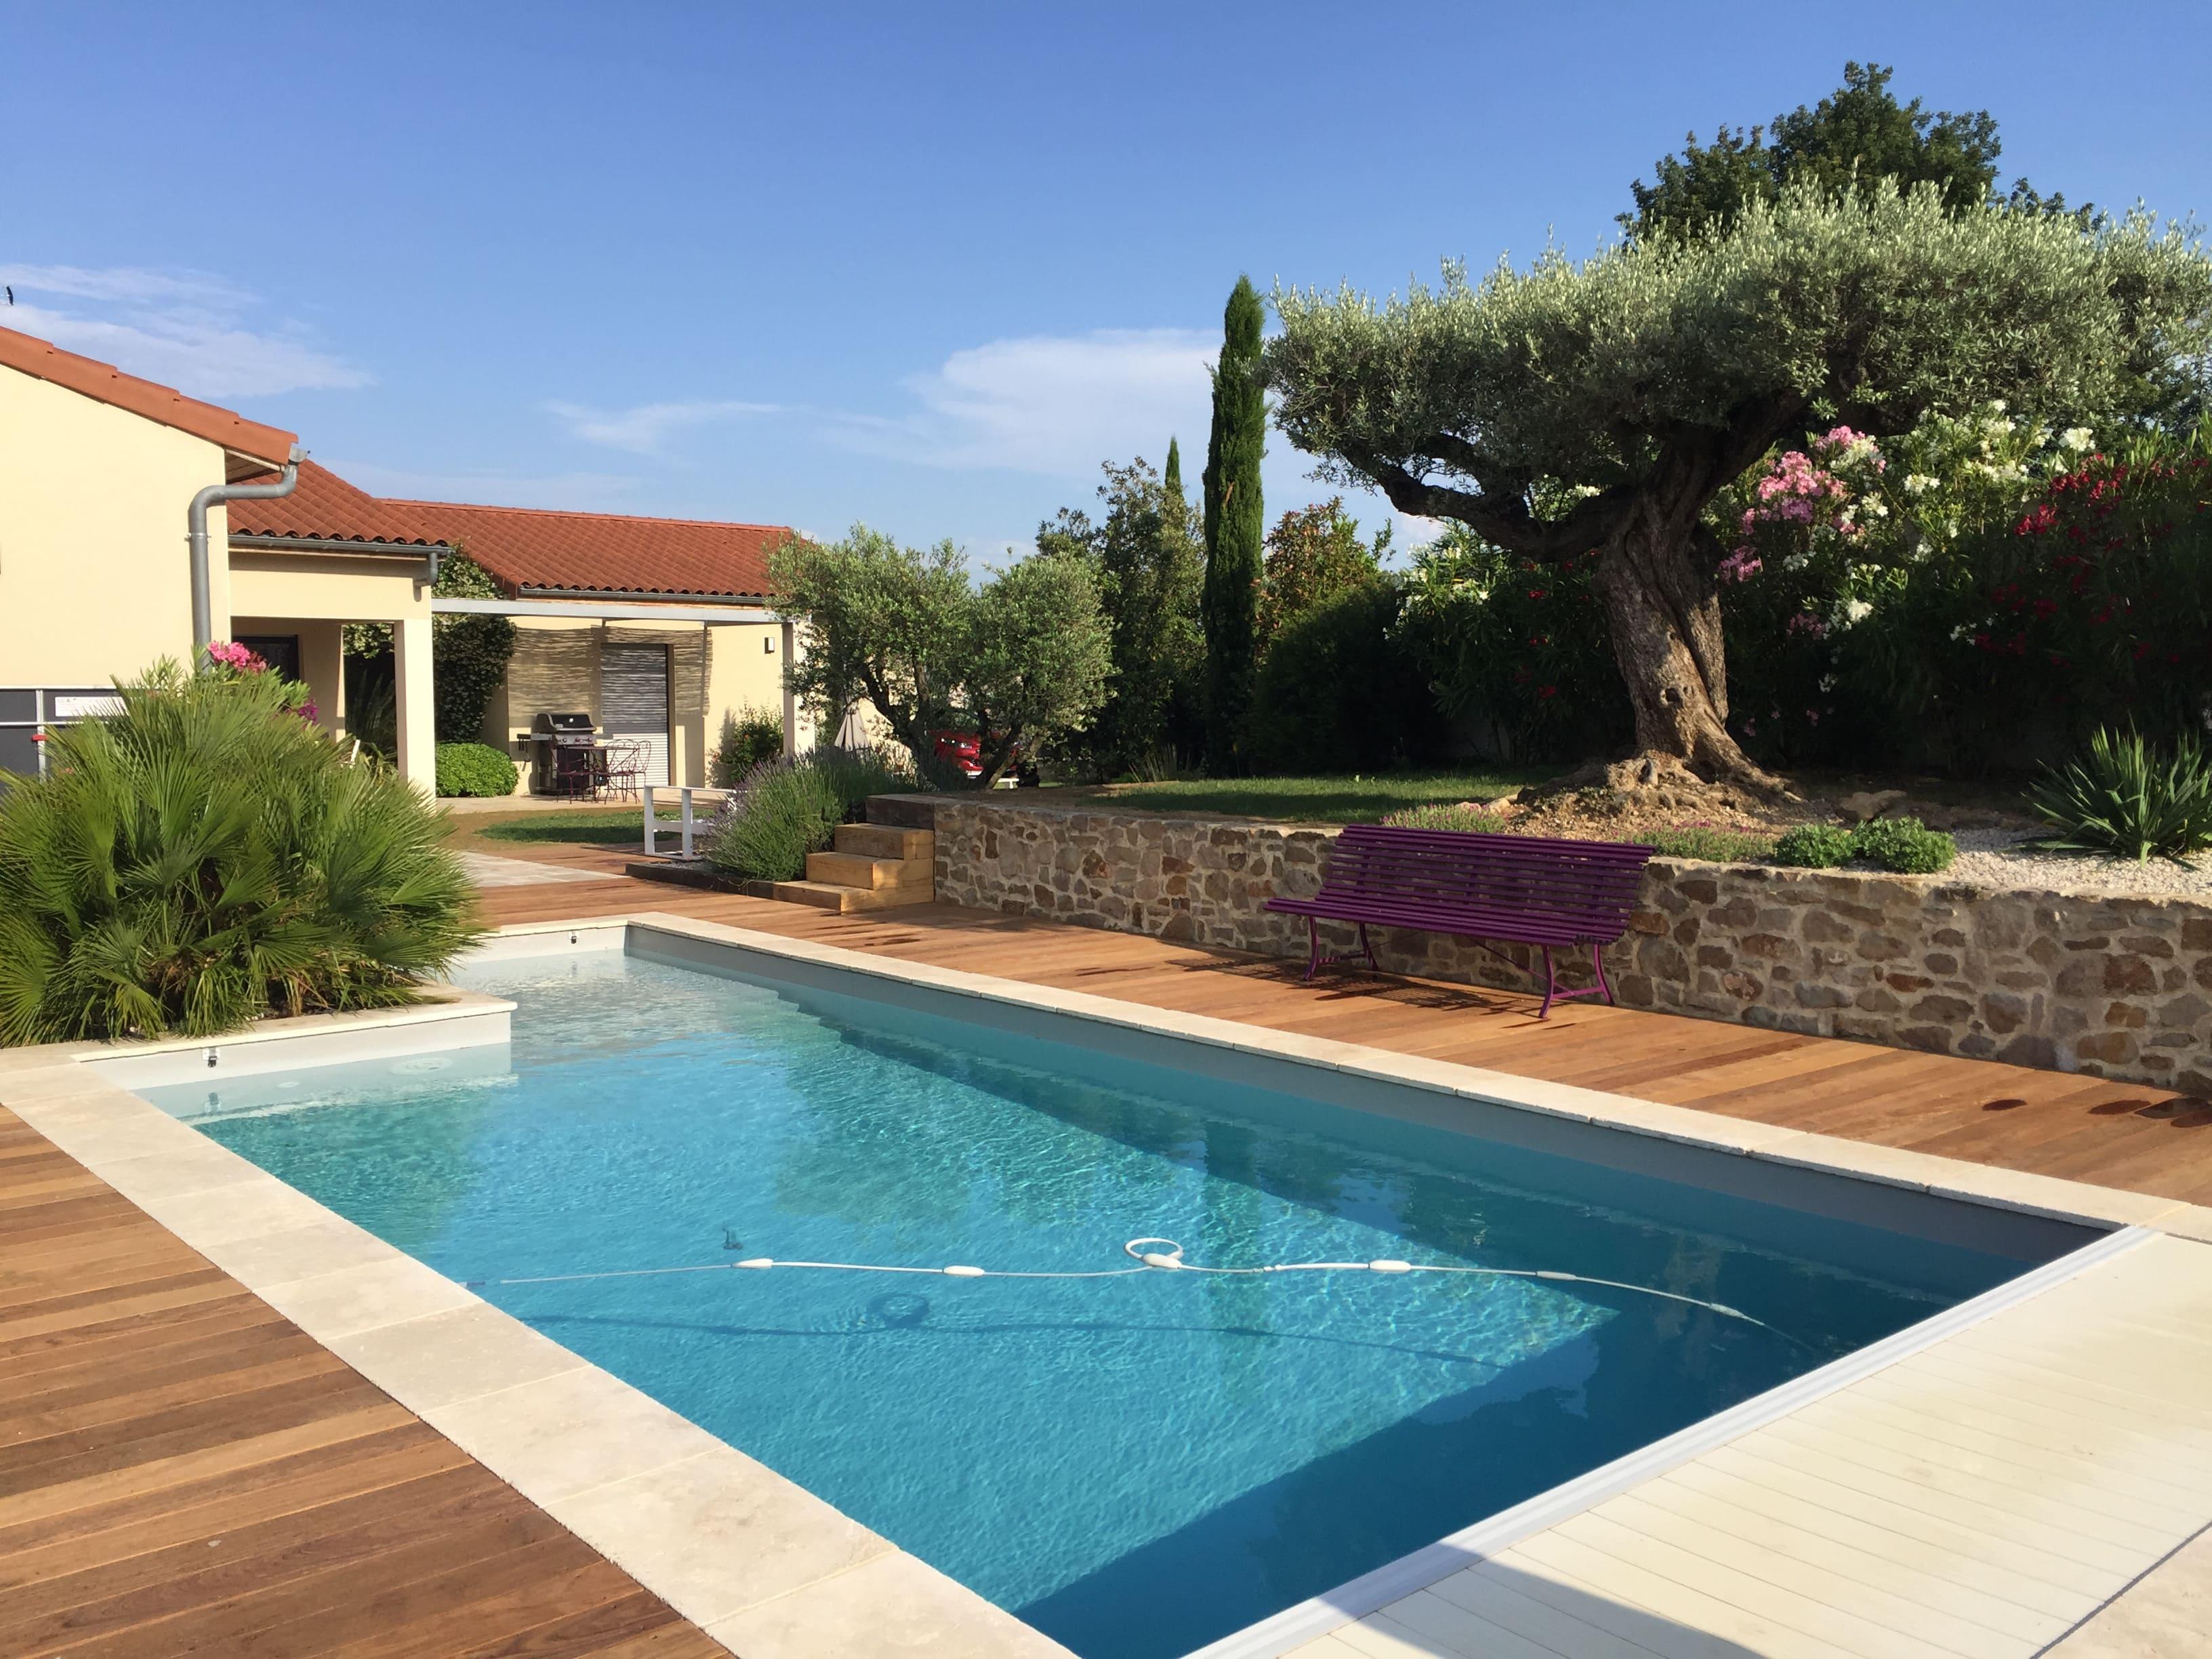 réalisation jardin piscine drôme cédric Pierre Paysage